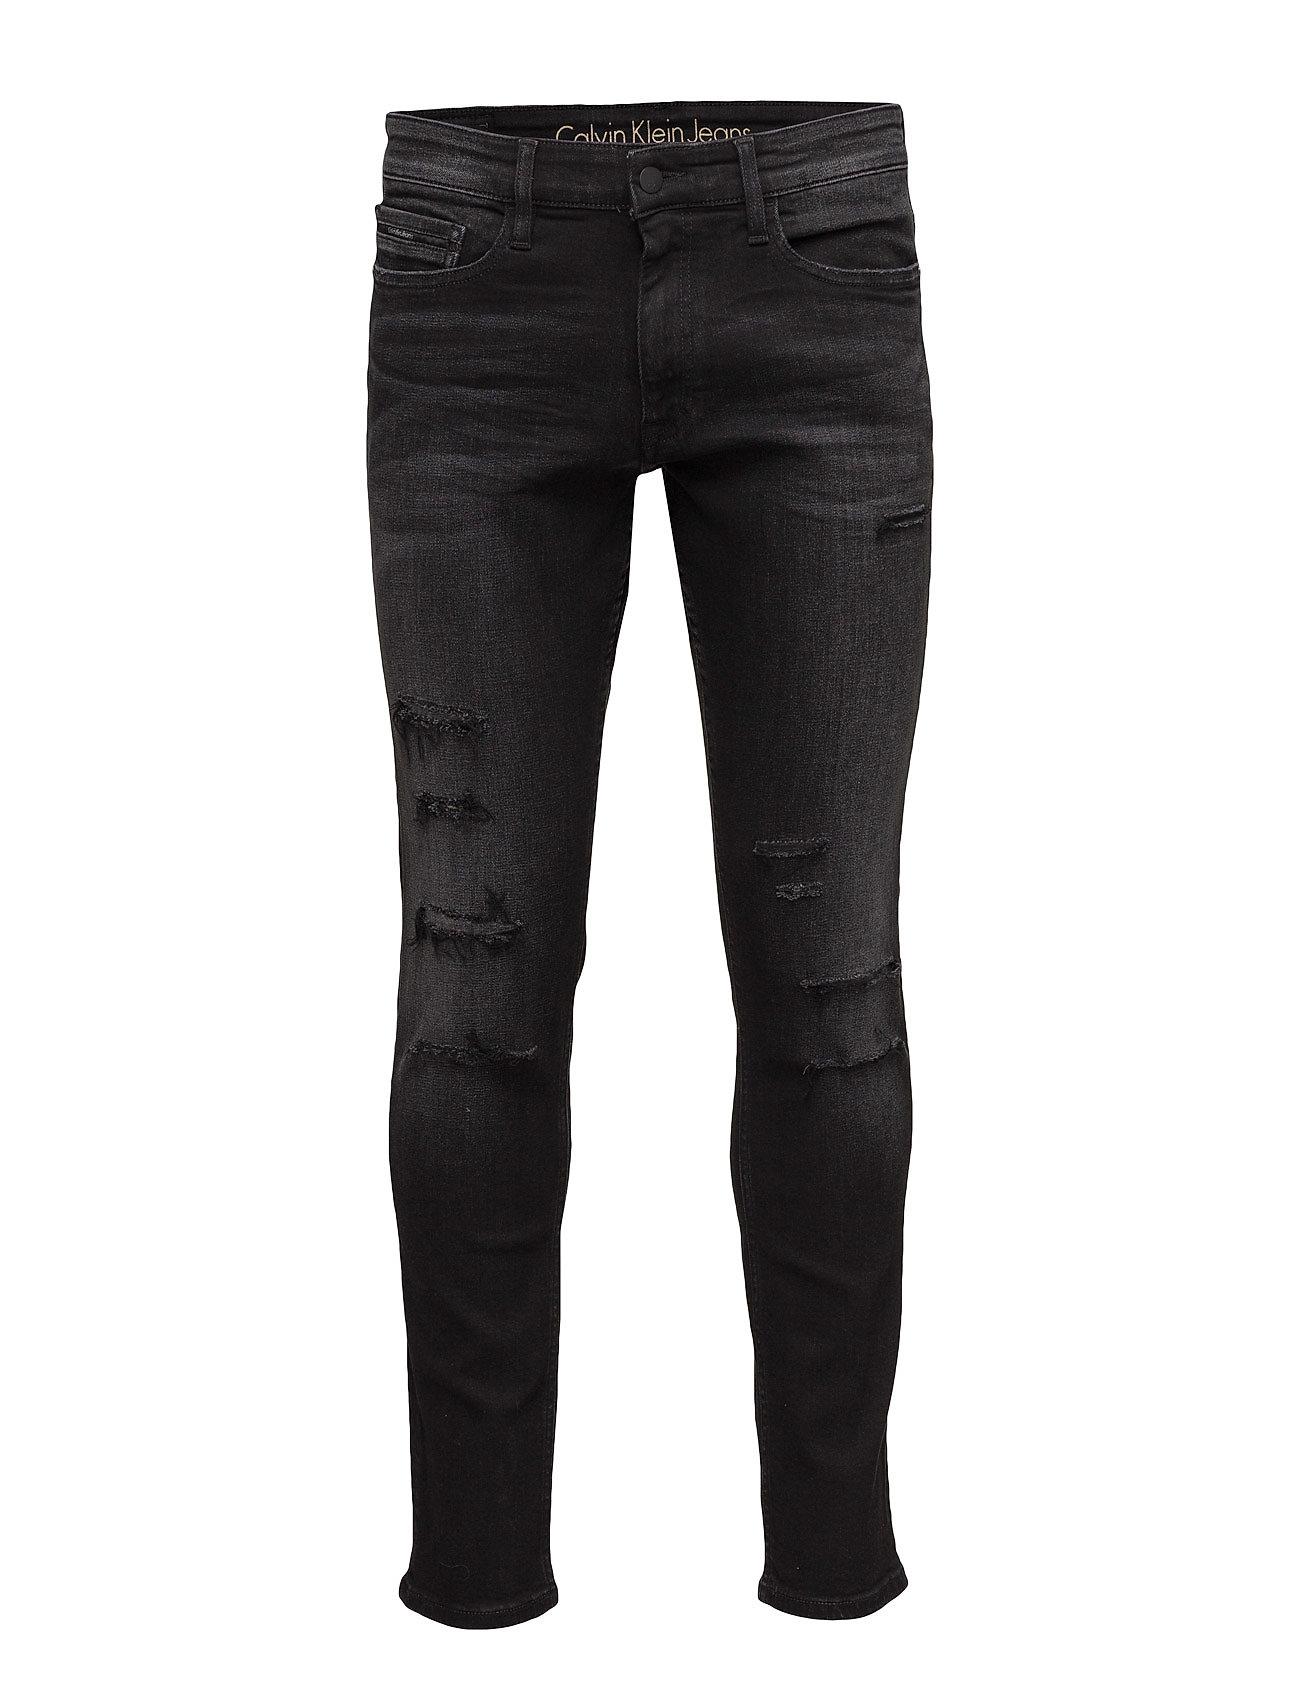 Skinny - somber blac fra calvin klein jeans på boozt.com dk